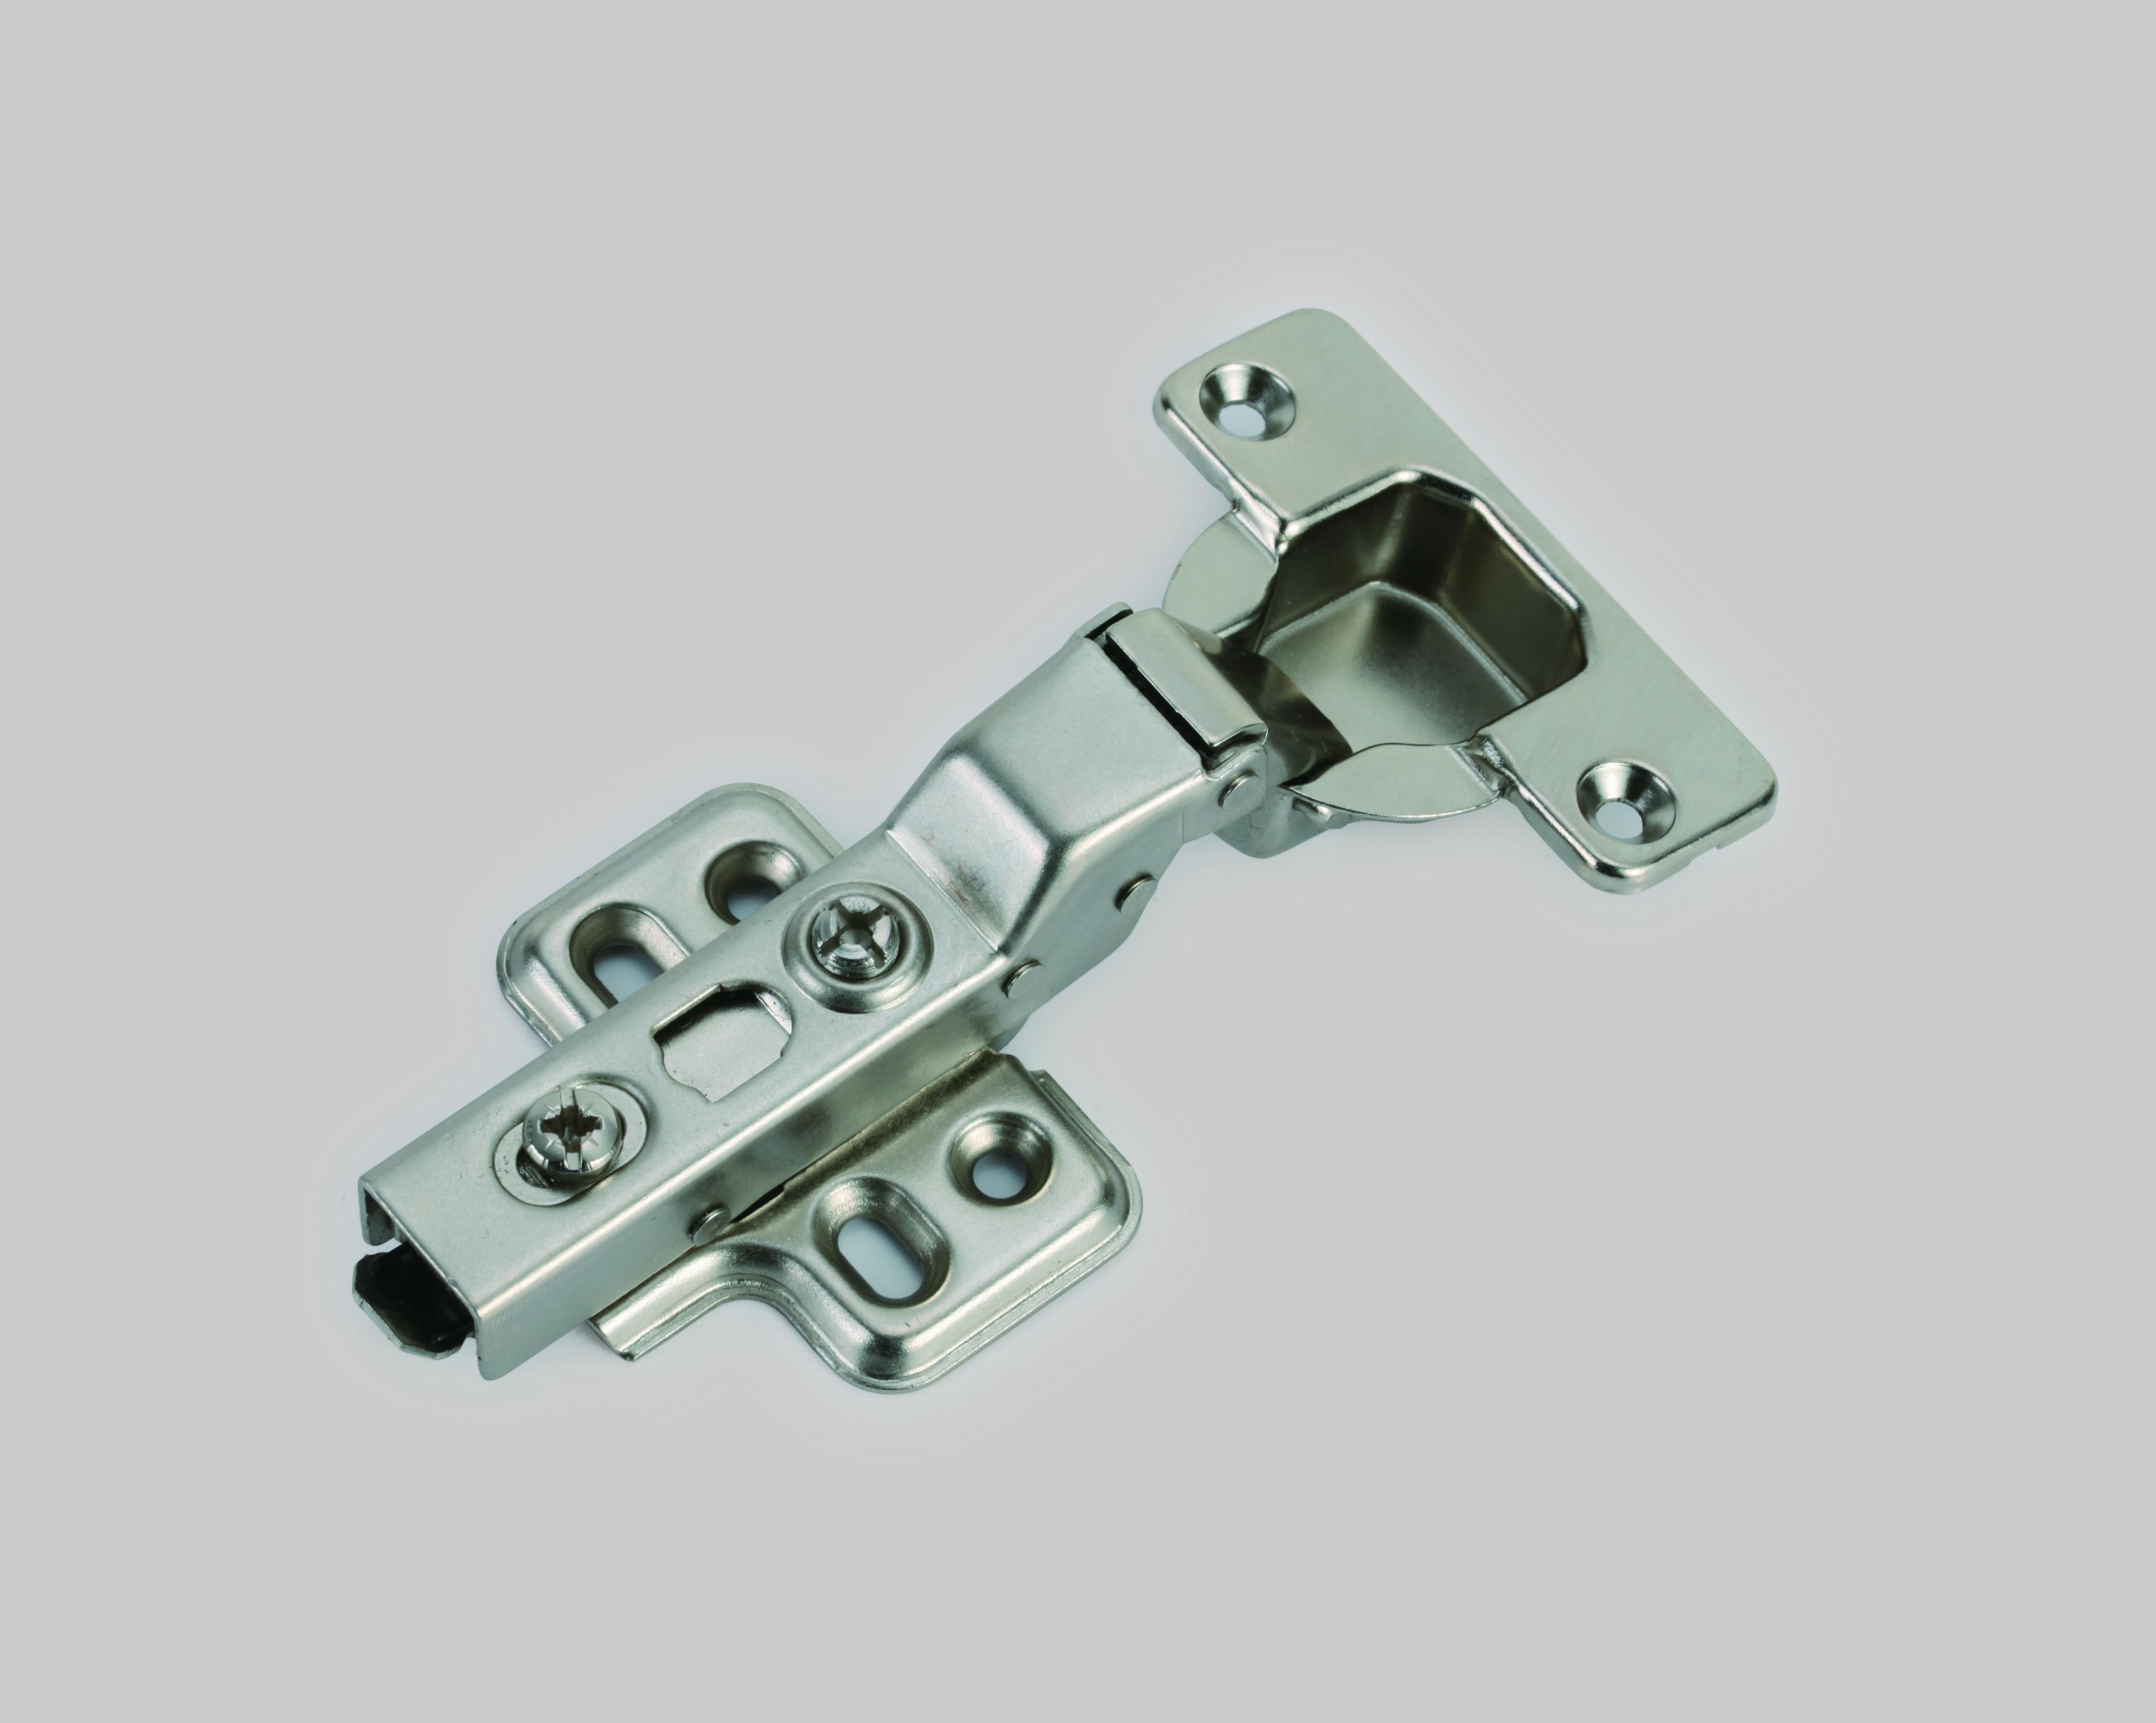 专业生产高档液压不锈钢铰链,阻尼不锈钢铰链,缓冲不锈钢铰链